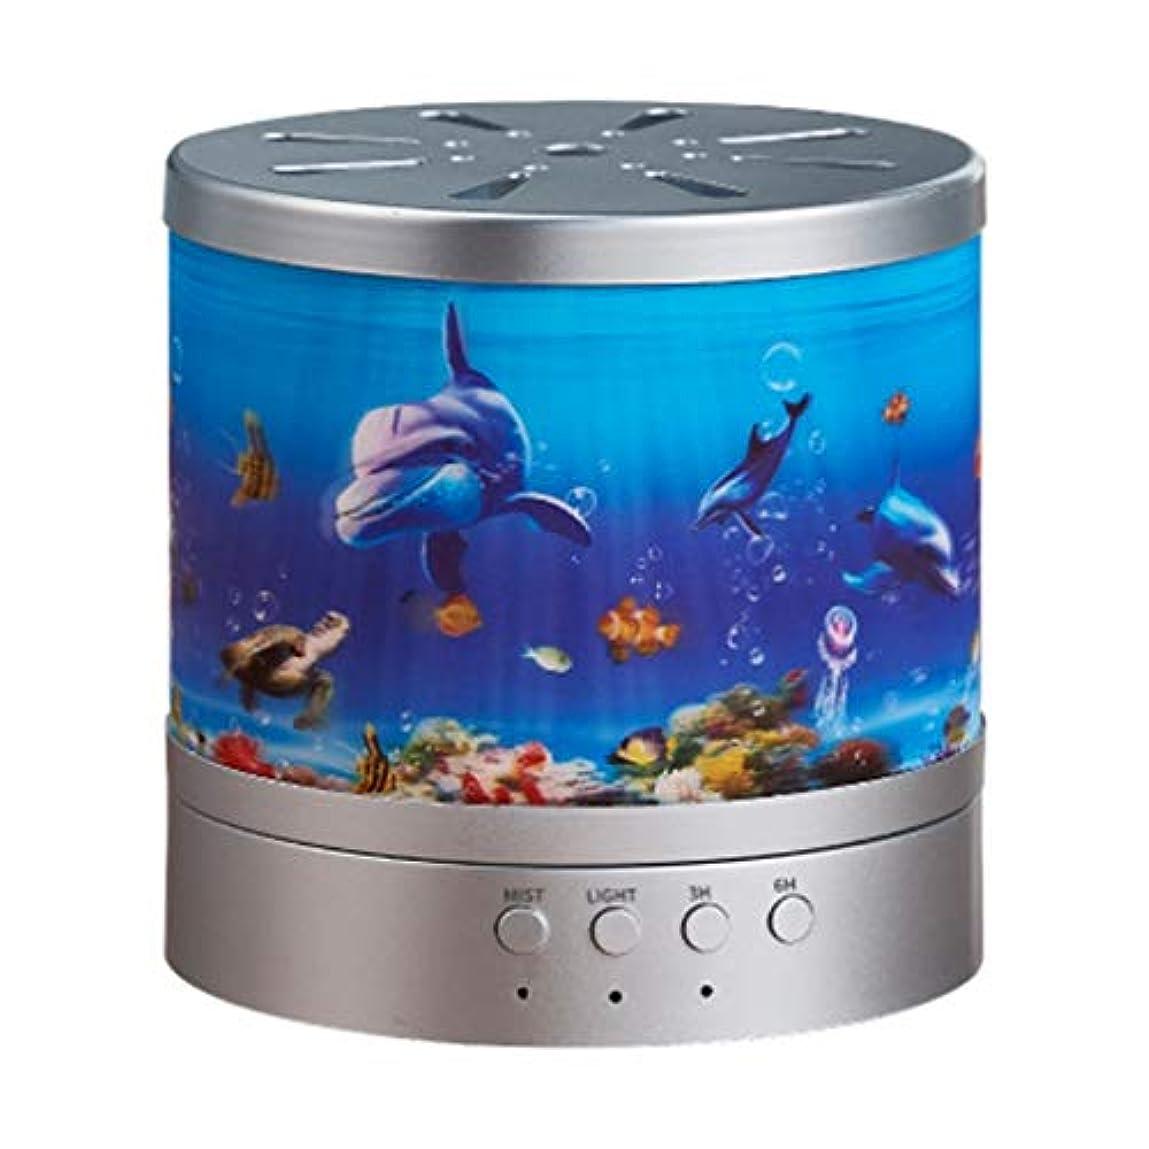 金曜日崖うっかり精油のための海洋の主題の拡散器超音波涼しい霧の加湿器、水なしの自動シャットオフおよび7つの色LEDライトは内務省のために変わります (Color : Silver)